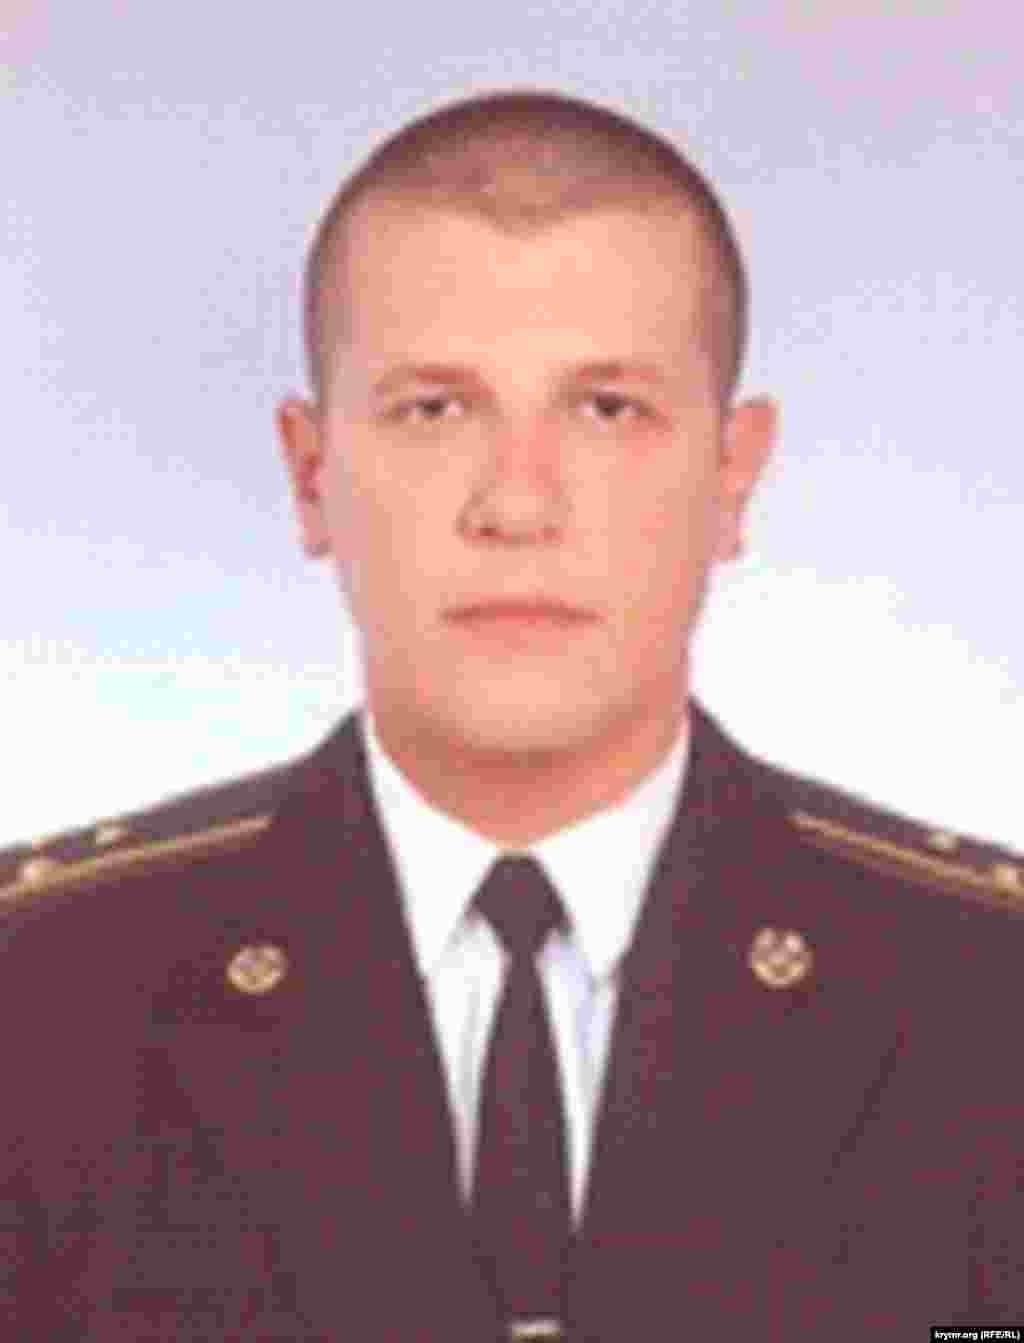 Николай Захарюгин, бывший оперуполномоченный управления СБУ в Севастополе, старший лейтенант